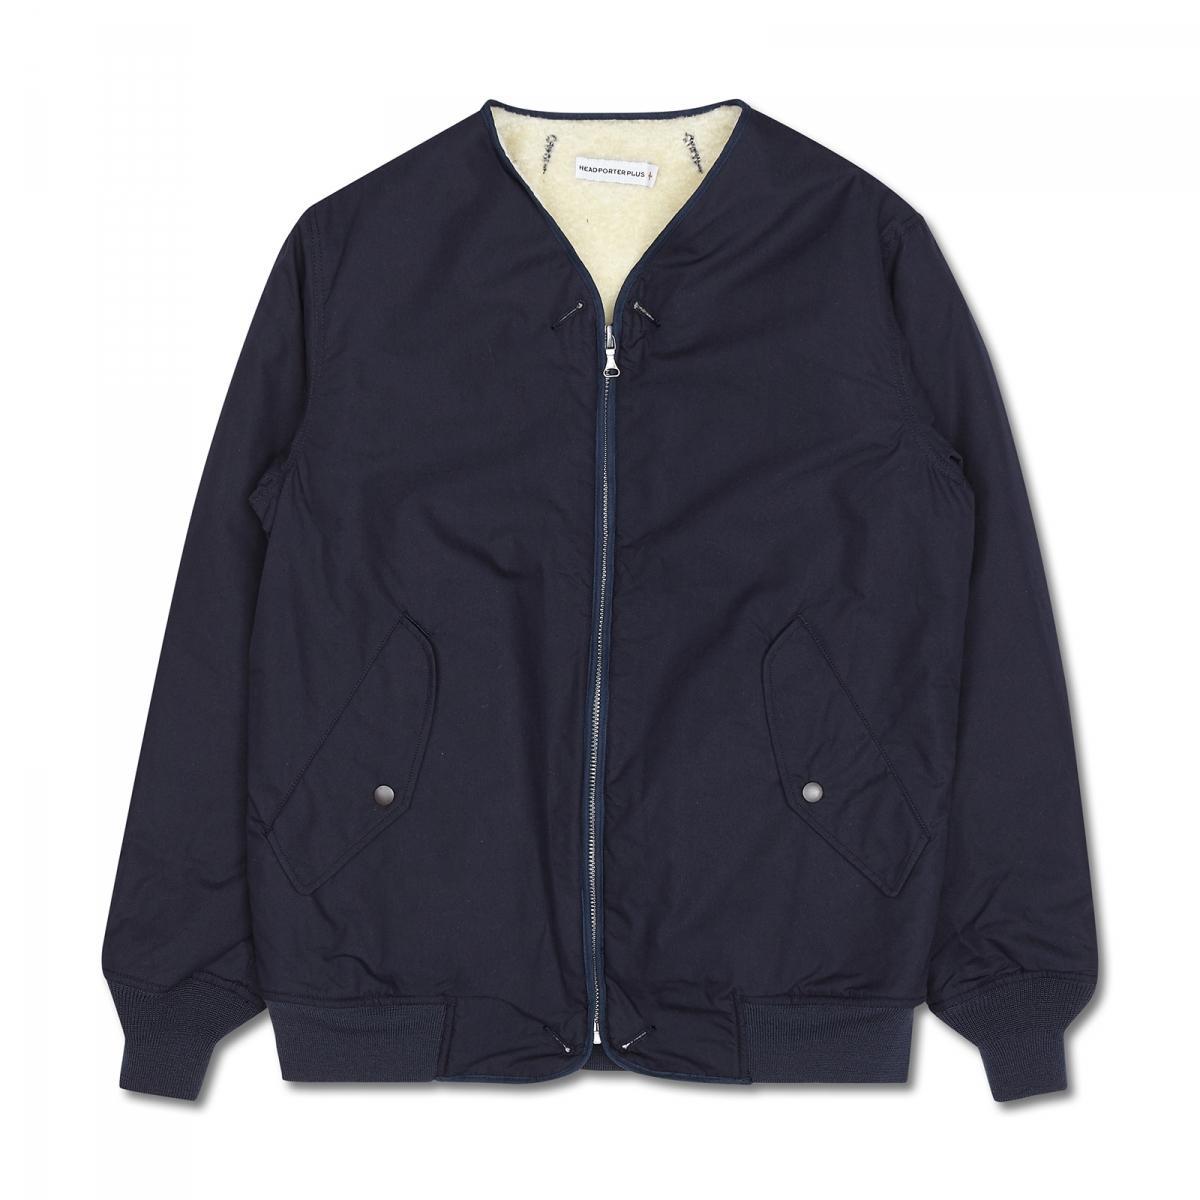 Lyst - Head Porter Liner Jacket in Blue for Men